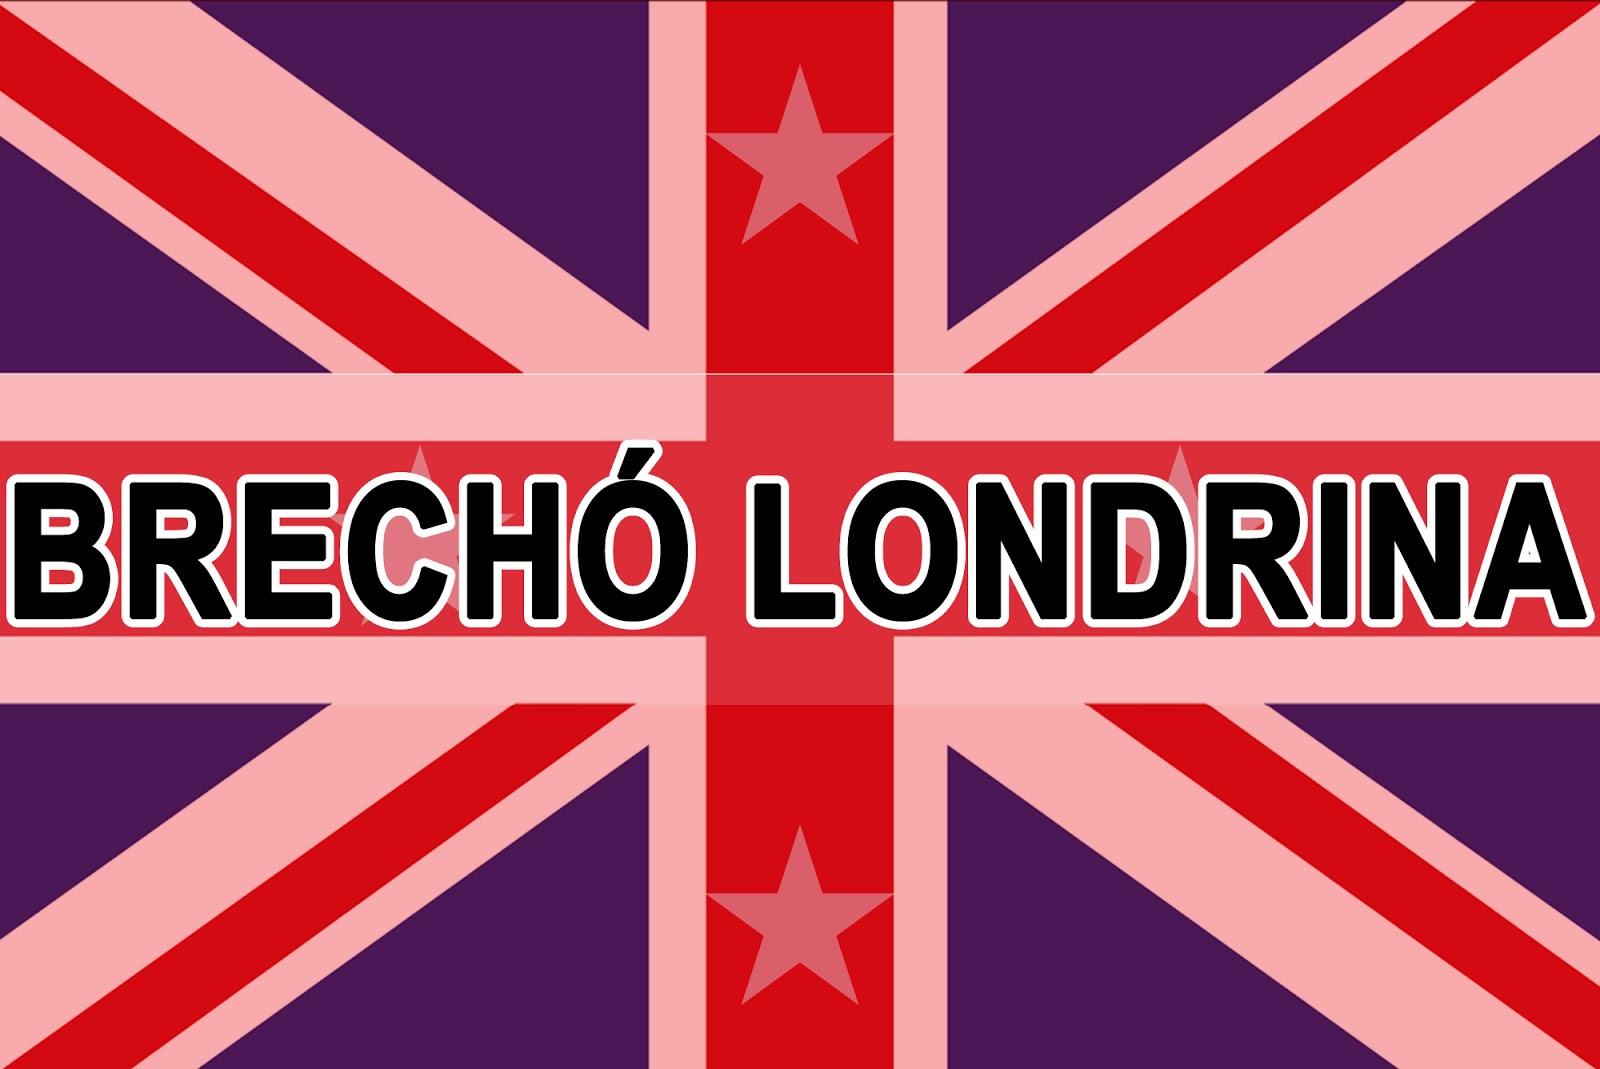 http://brecholondrina.blogspot.com.br/